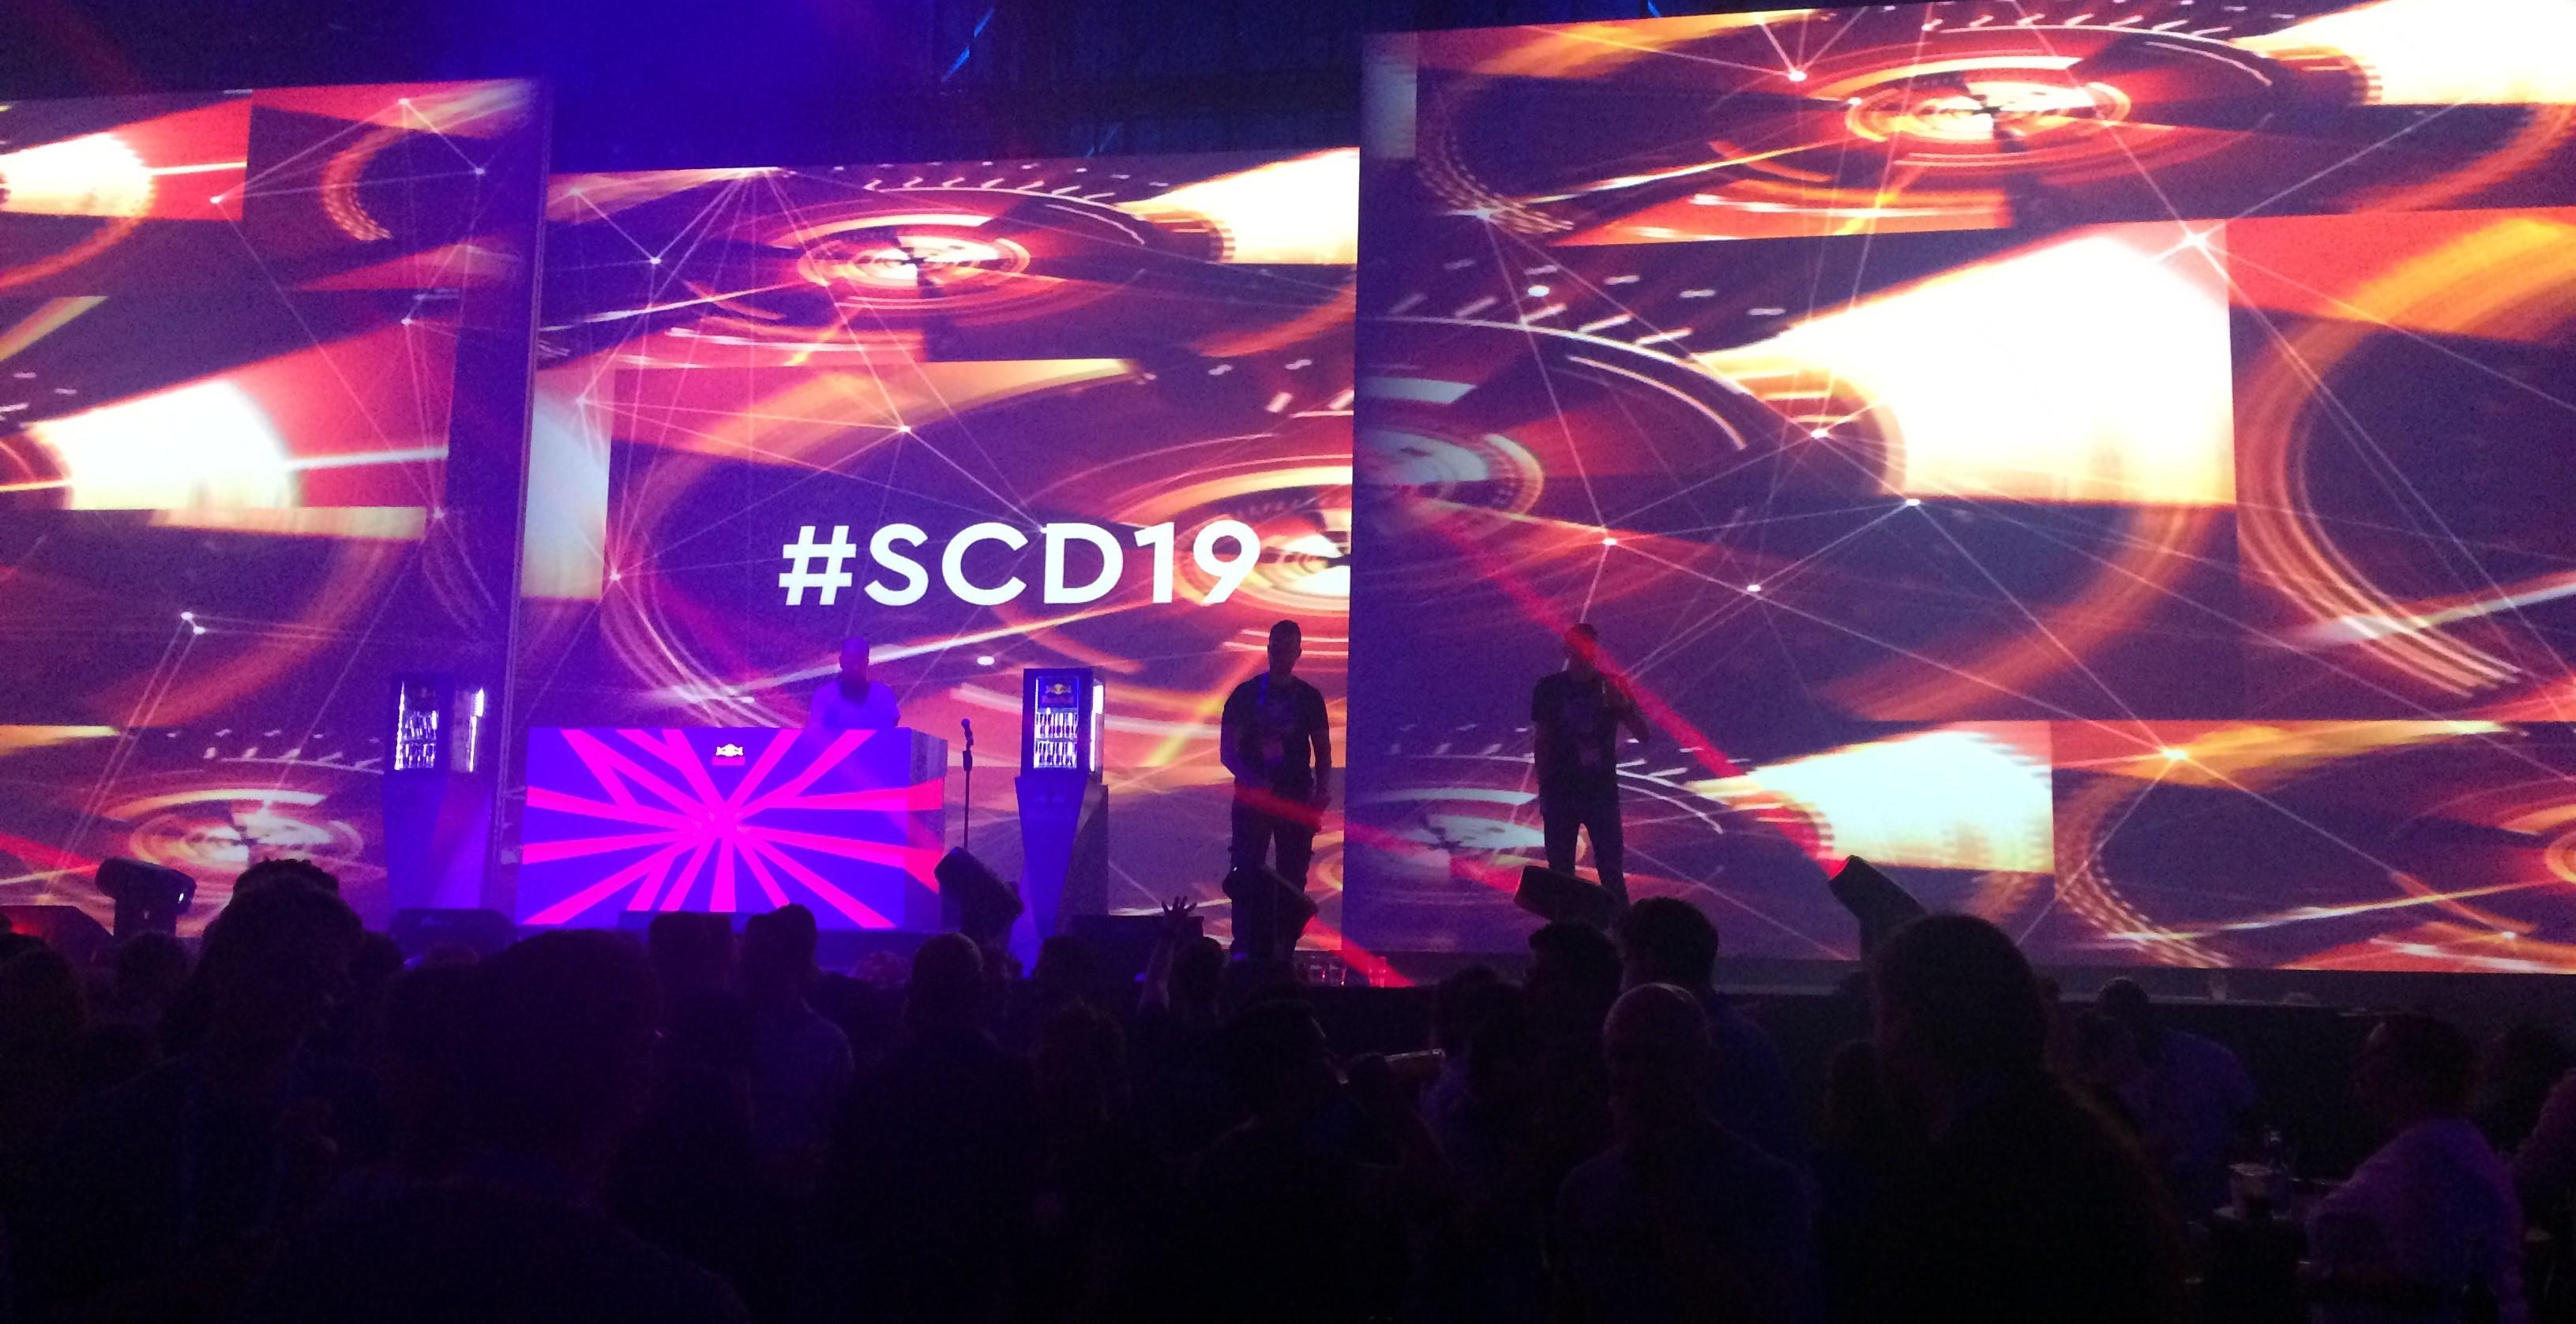 Die Show beim SCD19 war einmal mehr exzellent.